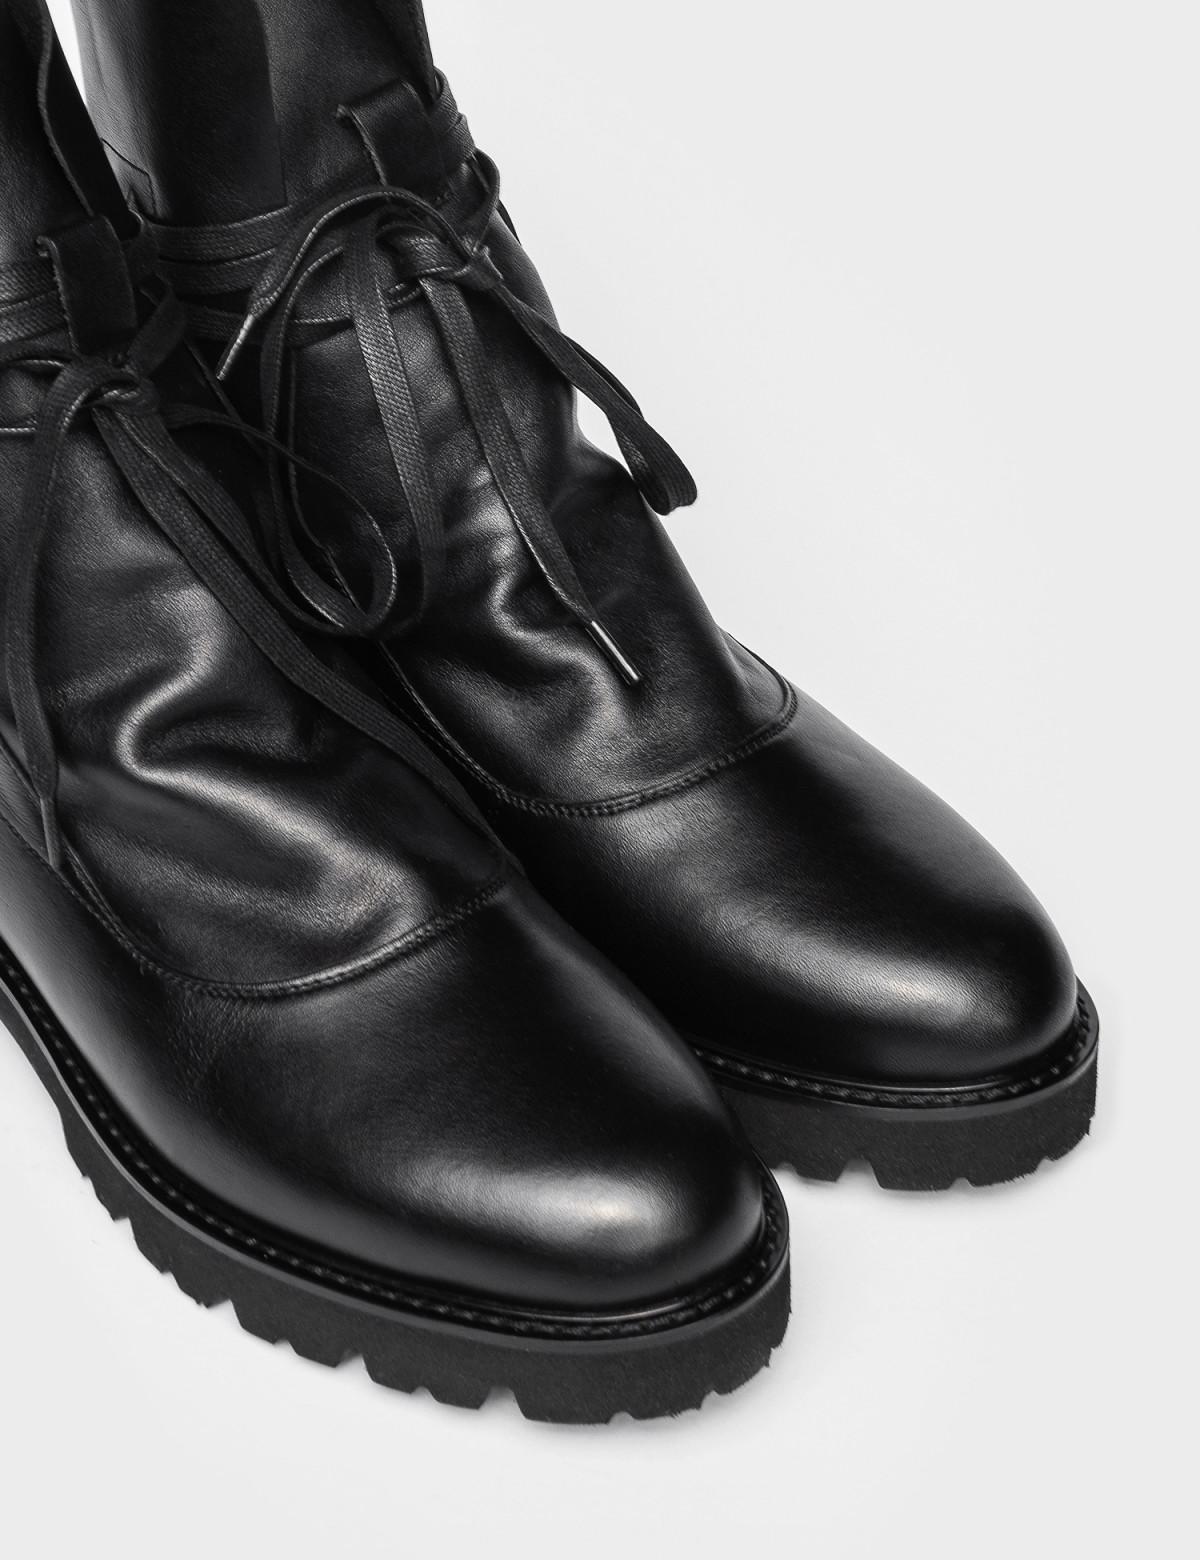 Ботинки черные. Натуральная кожа. 3